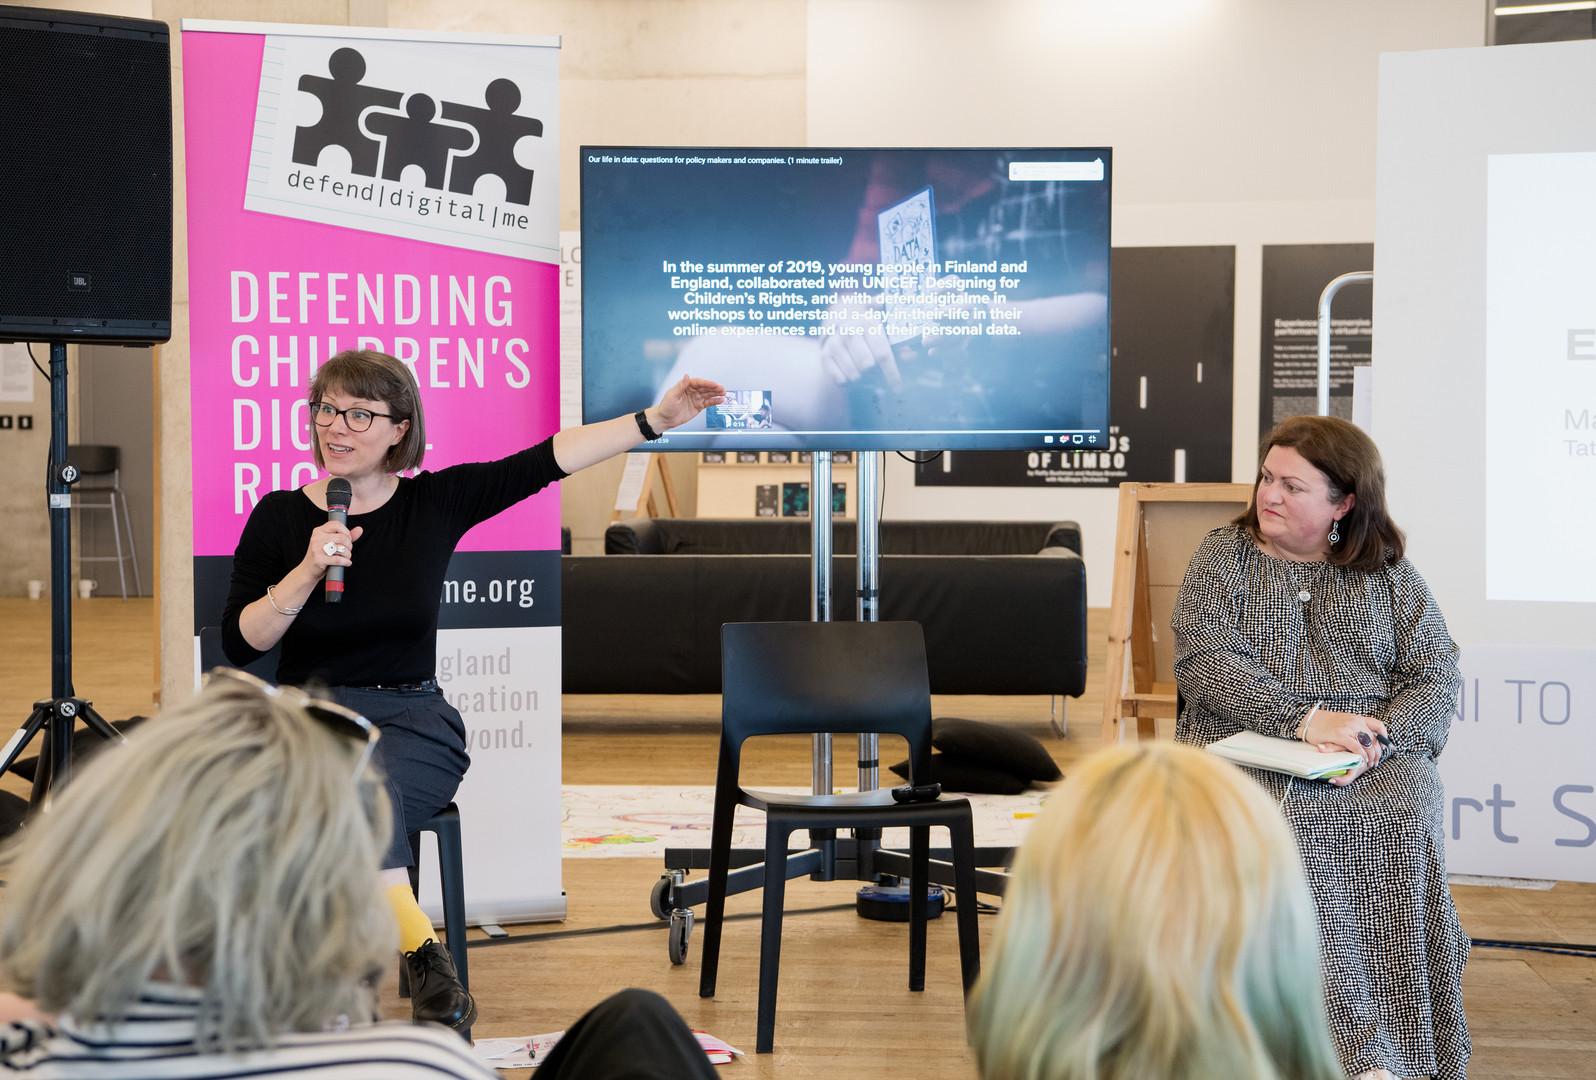 Ethics of Children's Data panel (from left to right: Renata Samson (Open Data Institute), Jen Perrson (DefendDigitalMe)) - Photo: Alex Wojcik